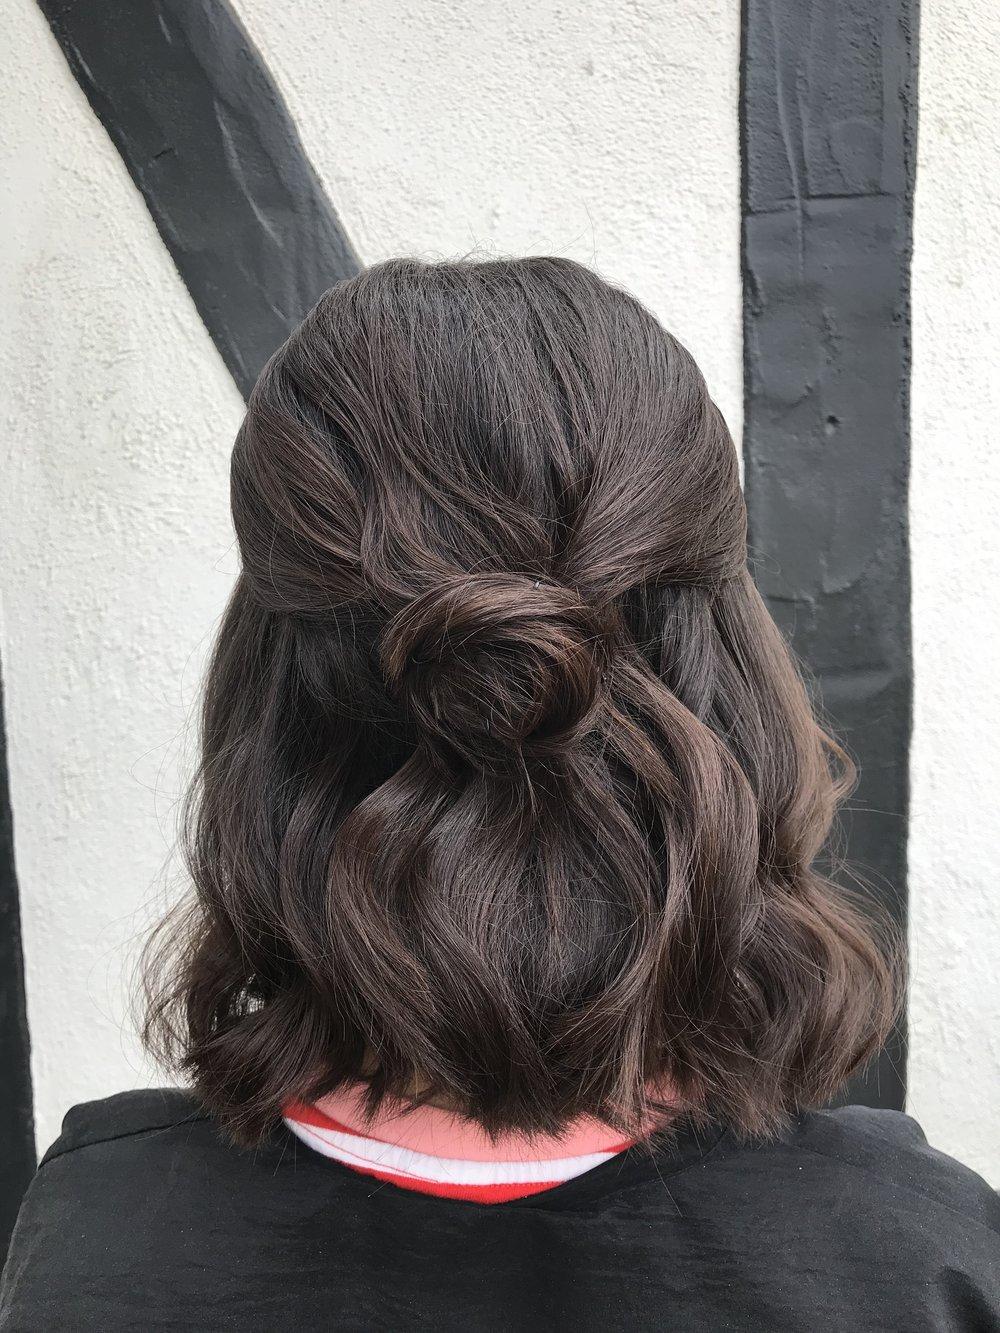 Amanda Combs Hair Stylist And Wedding Hair Specialist